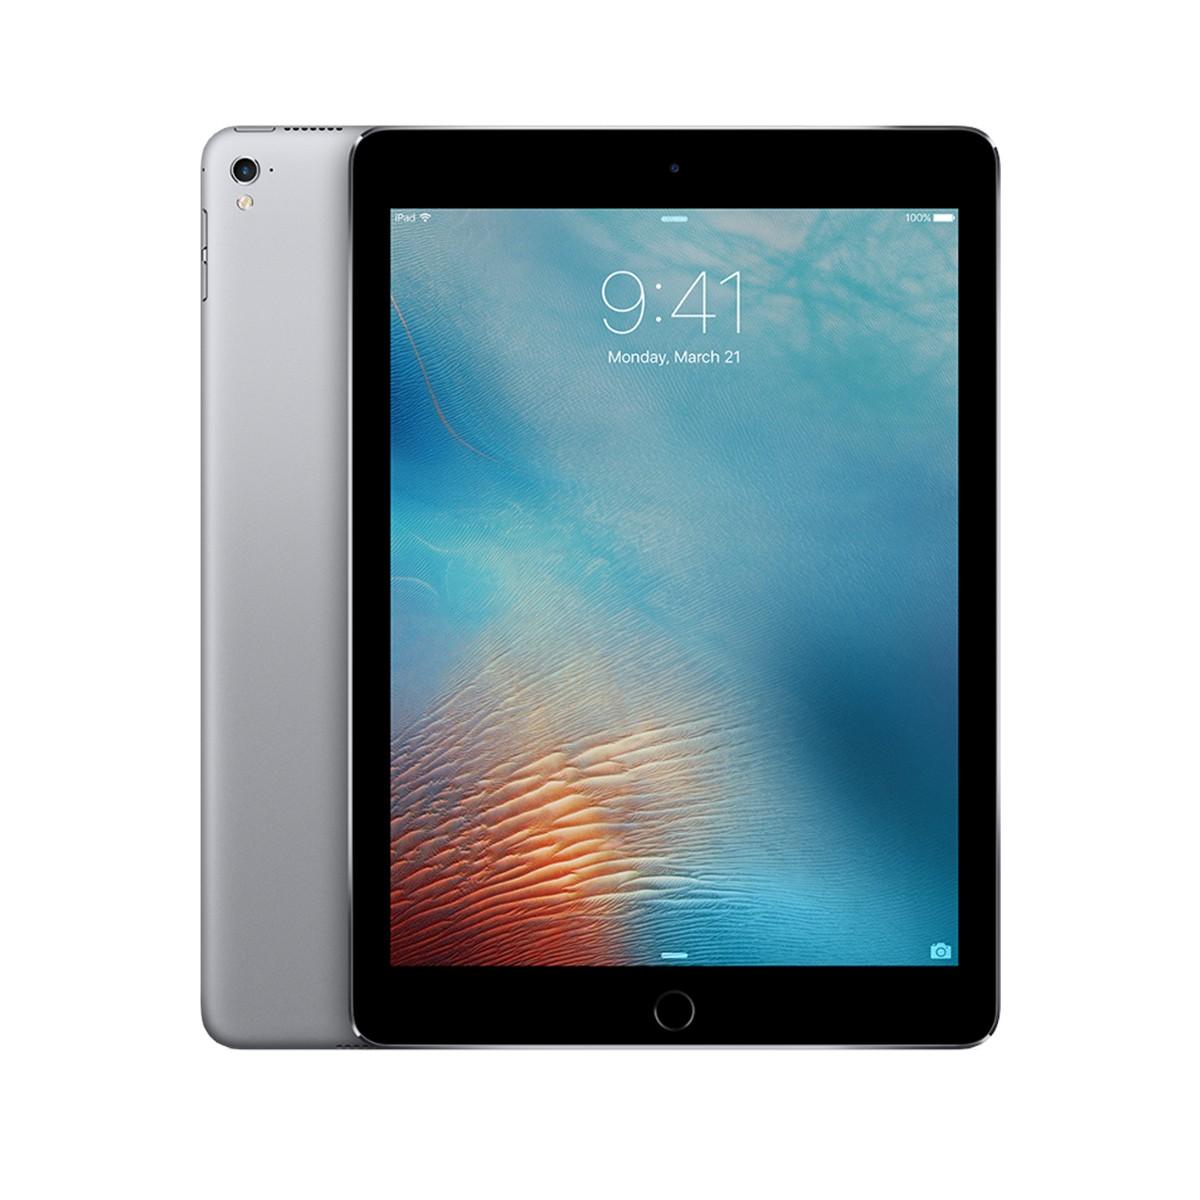 """Apple iPad Pro 9,7"""" Wifi - Cellular 256GB - Vesmírně šedý mlq62fd/a (rozbalený a použitý, záruka a odpovědnost z vad 12 měsíců u iSTYLE)"""